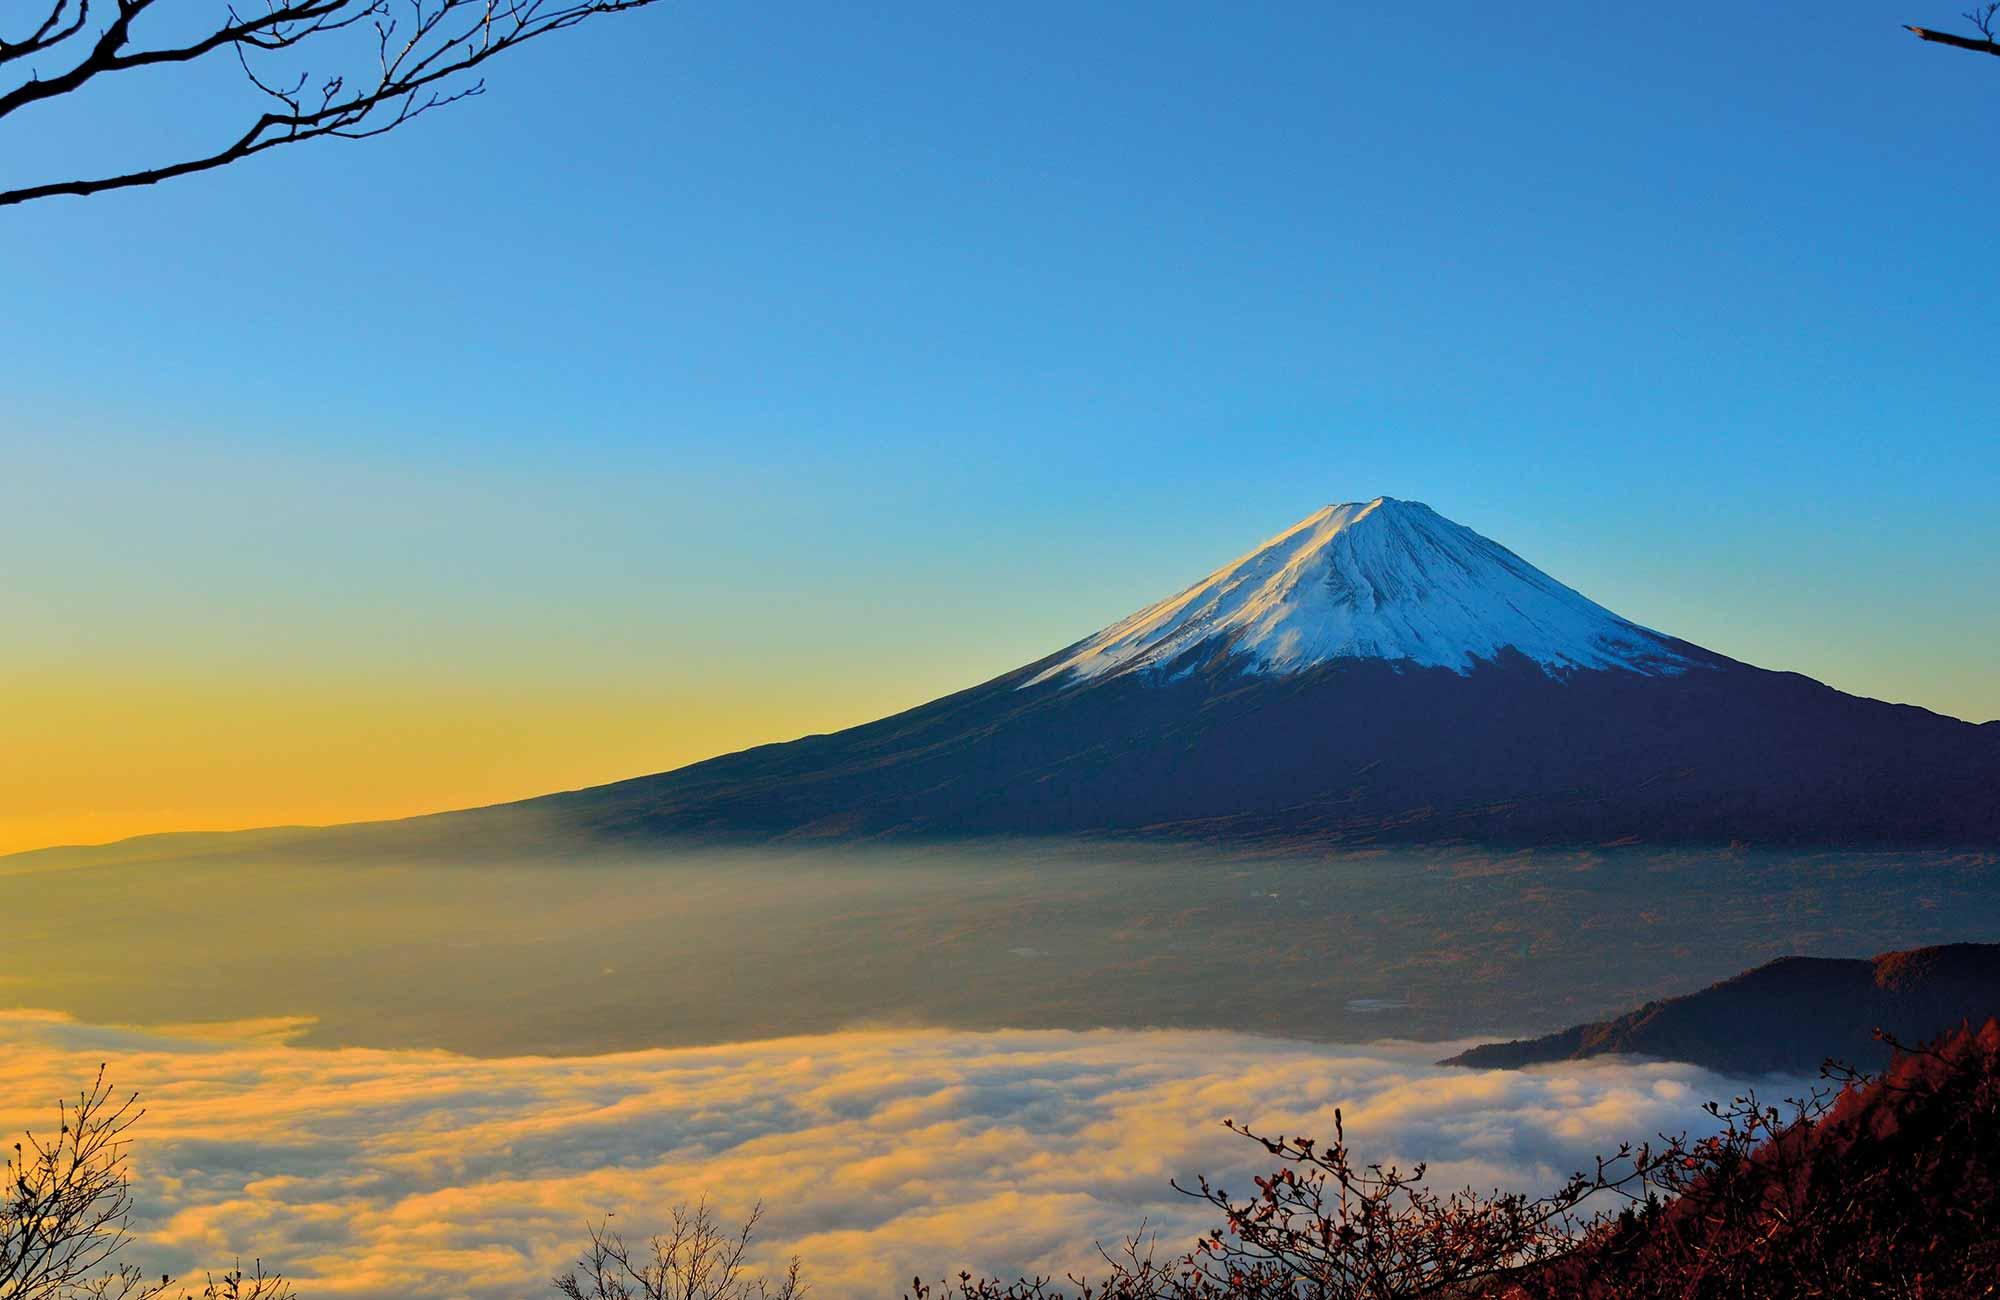 Lever de soleil sur le Mont Fuji au Japon